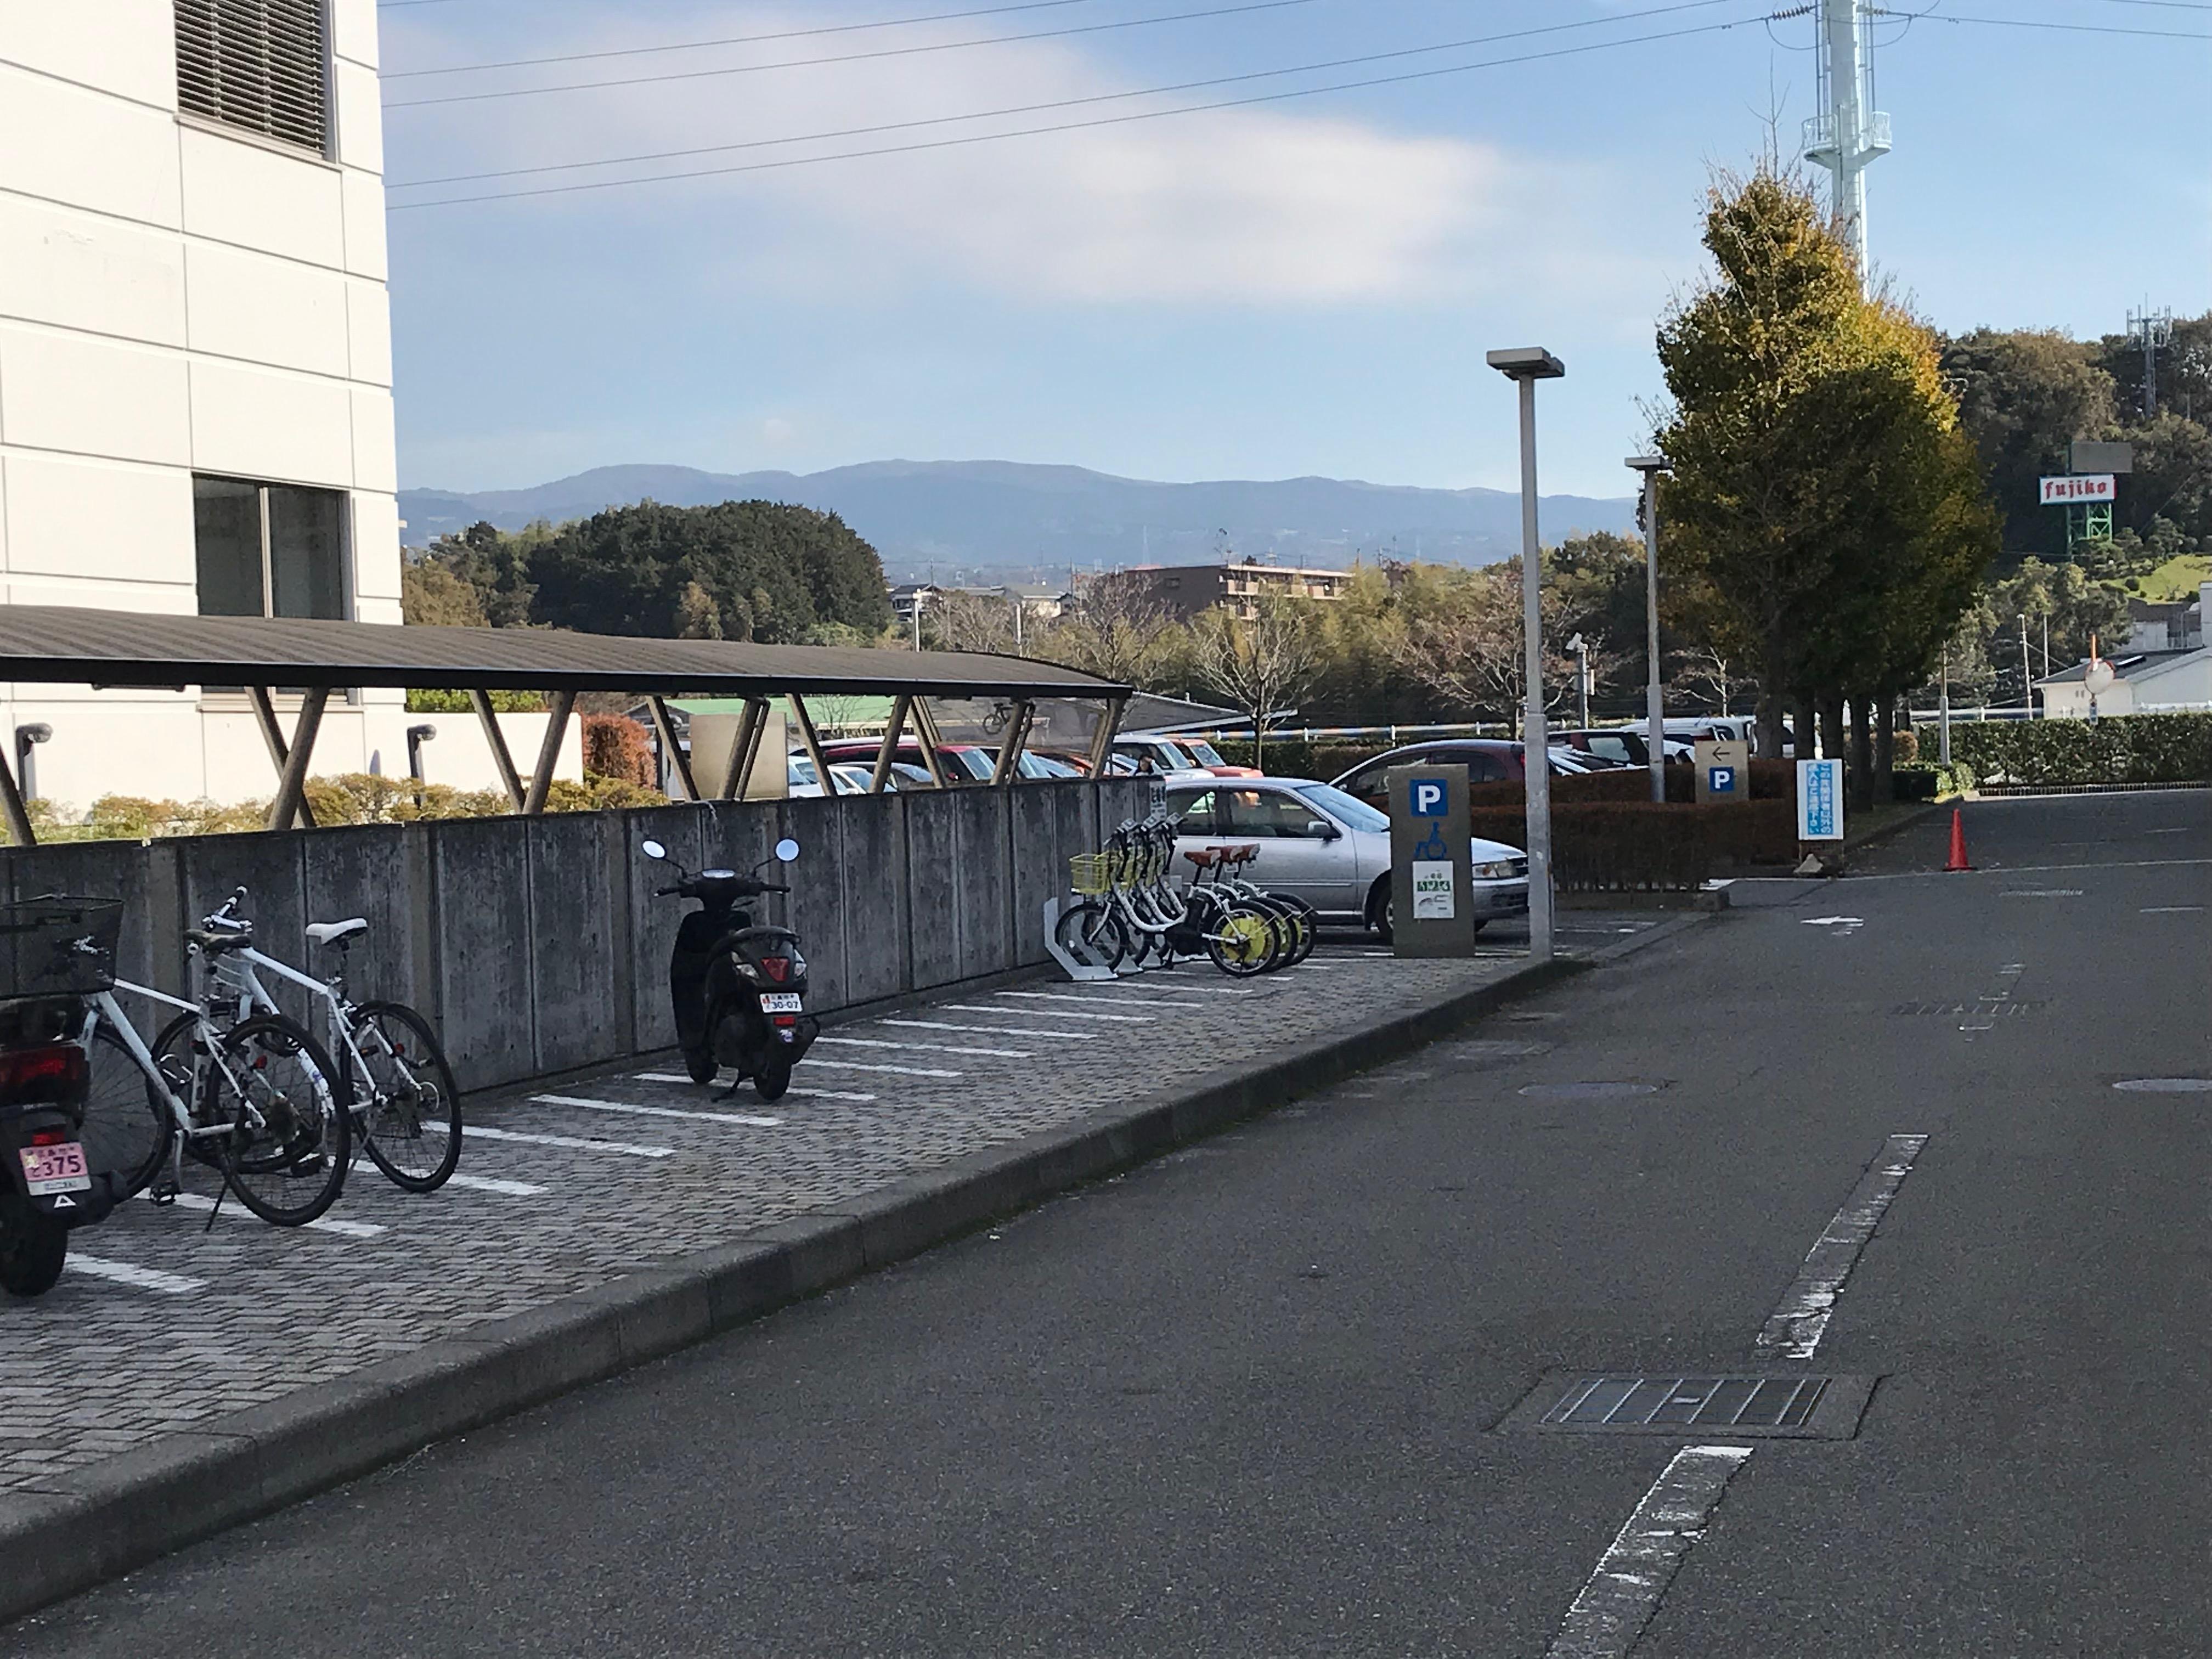 三島市民体育館 駐輪場 (HELLO CYCLING ポート) image